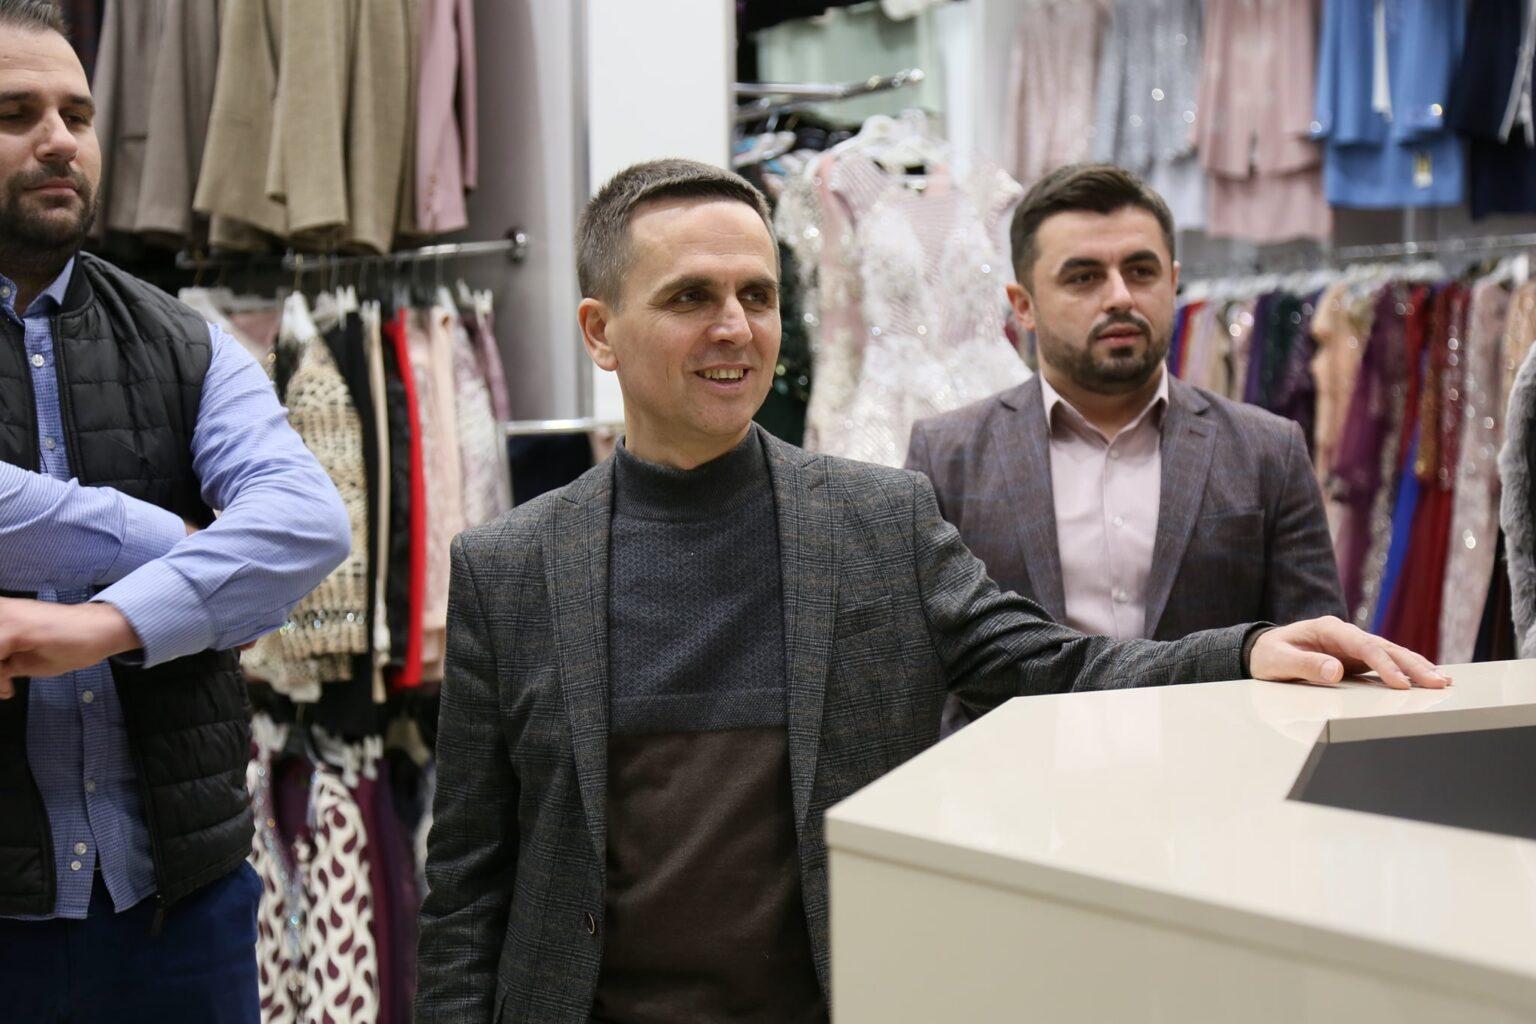 Kasami: Edhe bizneset e qendrës së re tregtare, nga e hëna do e ndjejnë ndryshimin e Tetovës